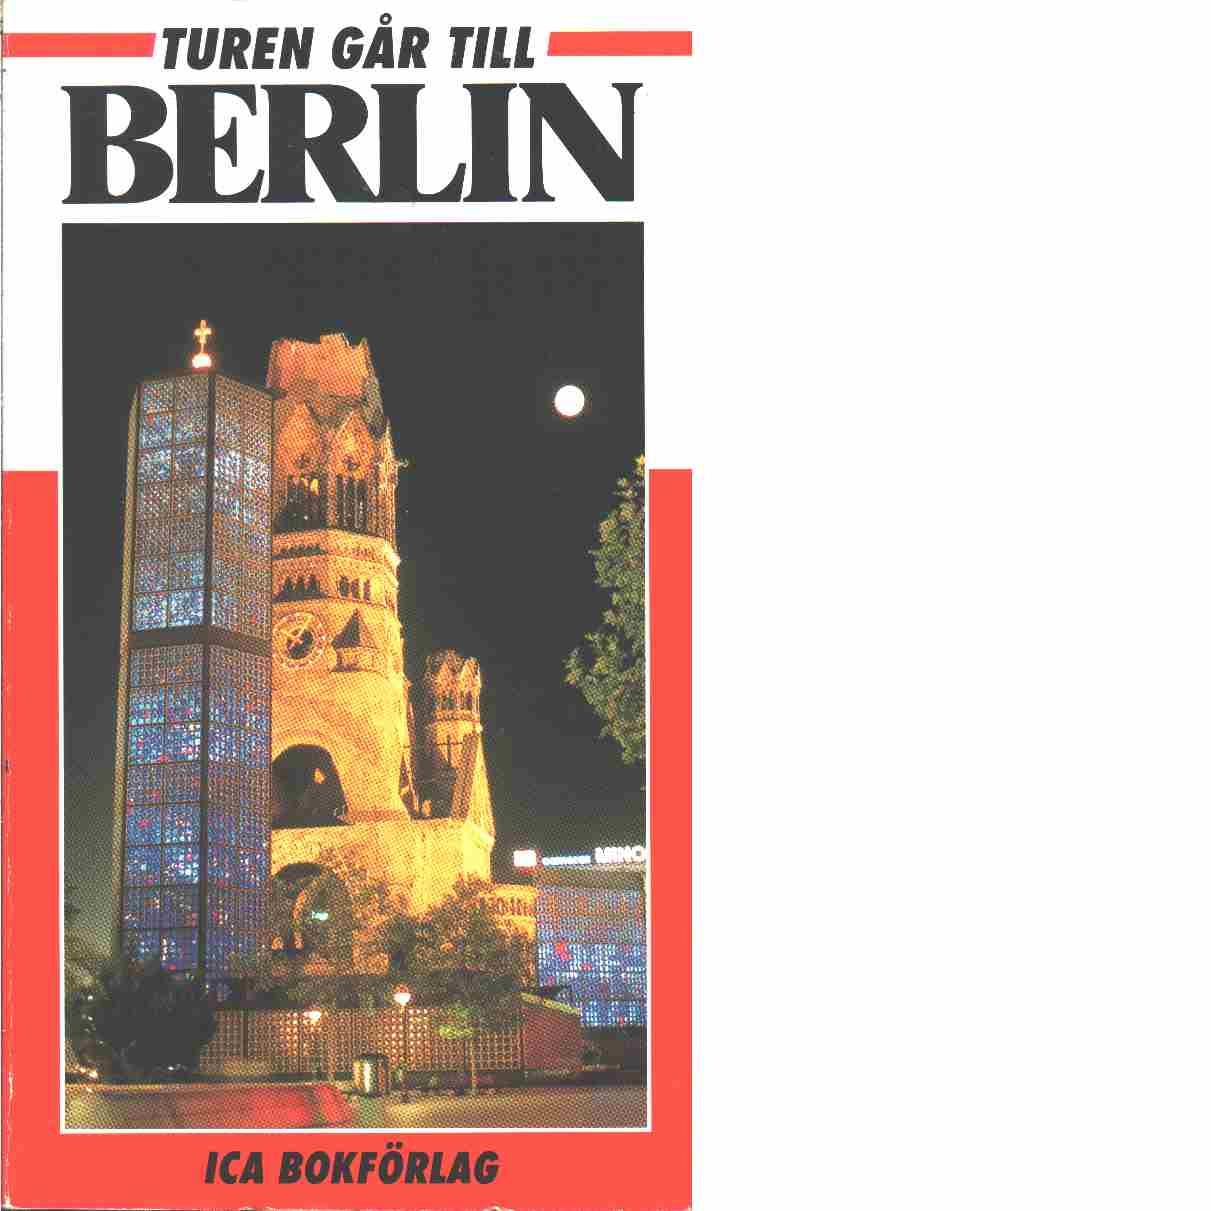 Turen går till Berlin  - Hammerby, Gert  och Johannessen, Steen Ulrik